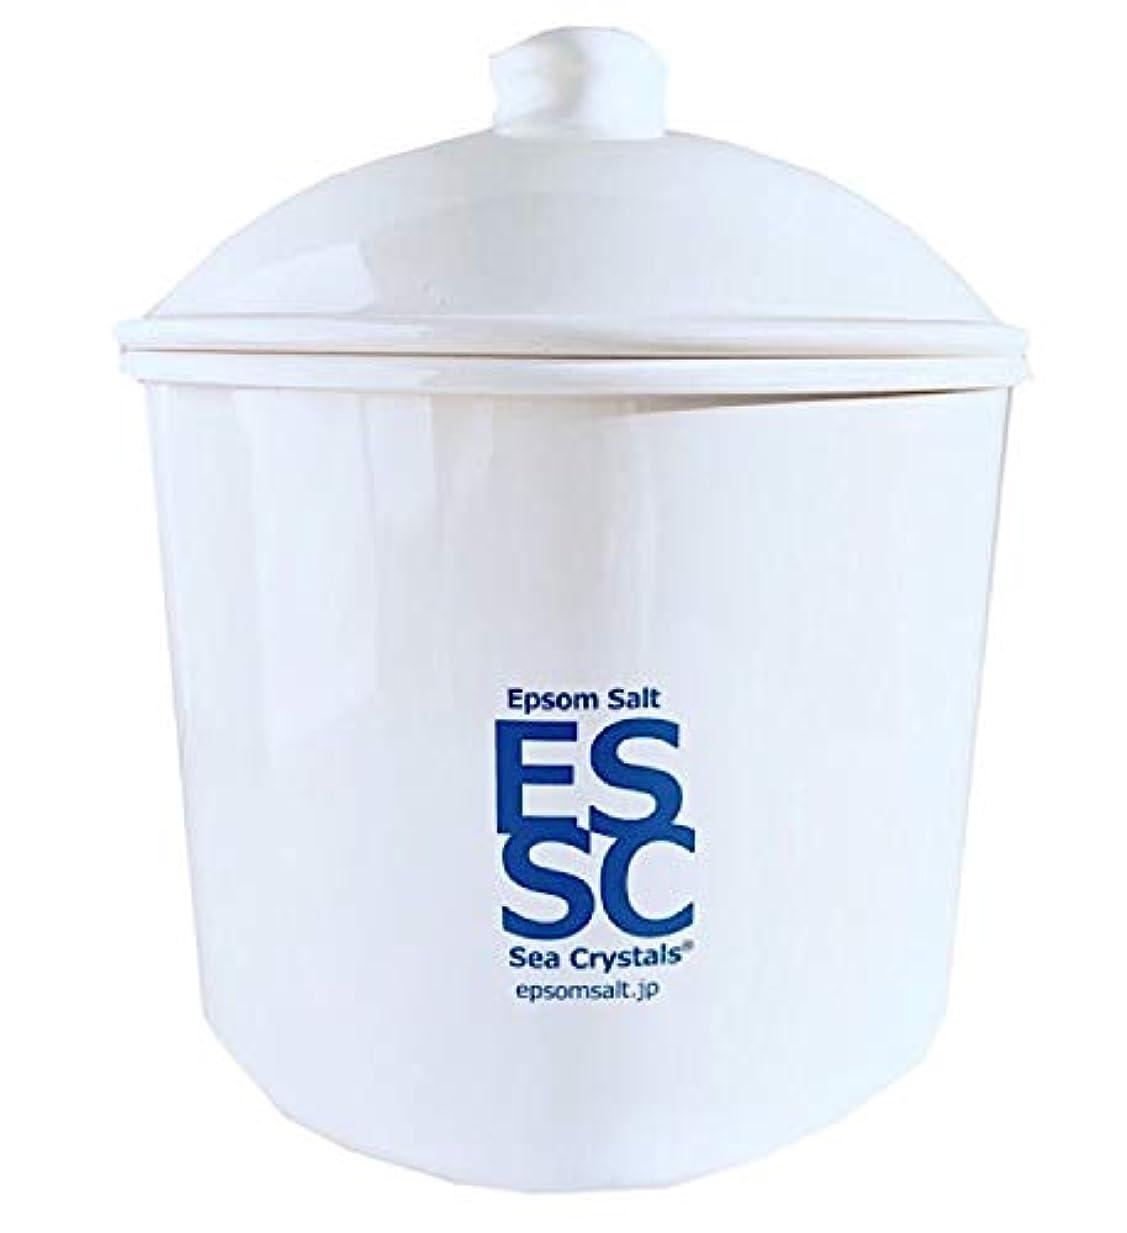 成功中性無条件シークリスタルス 国産 エプソムソルト 入浴剤 ケース入り2.2kg 約14回分 計量スプーン付き 無香料 硫酸マグネシウム